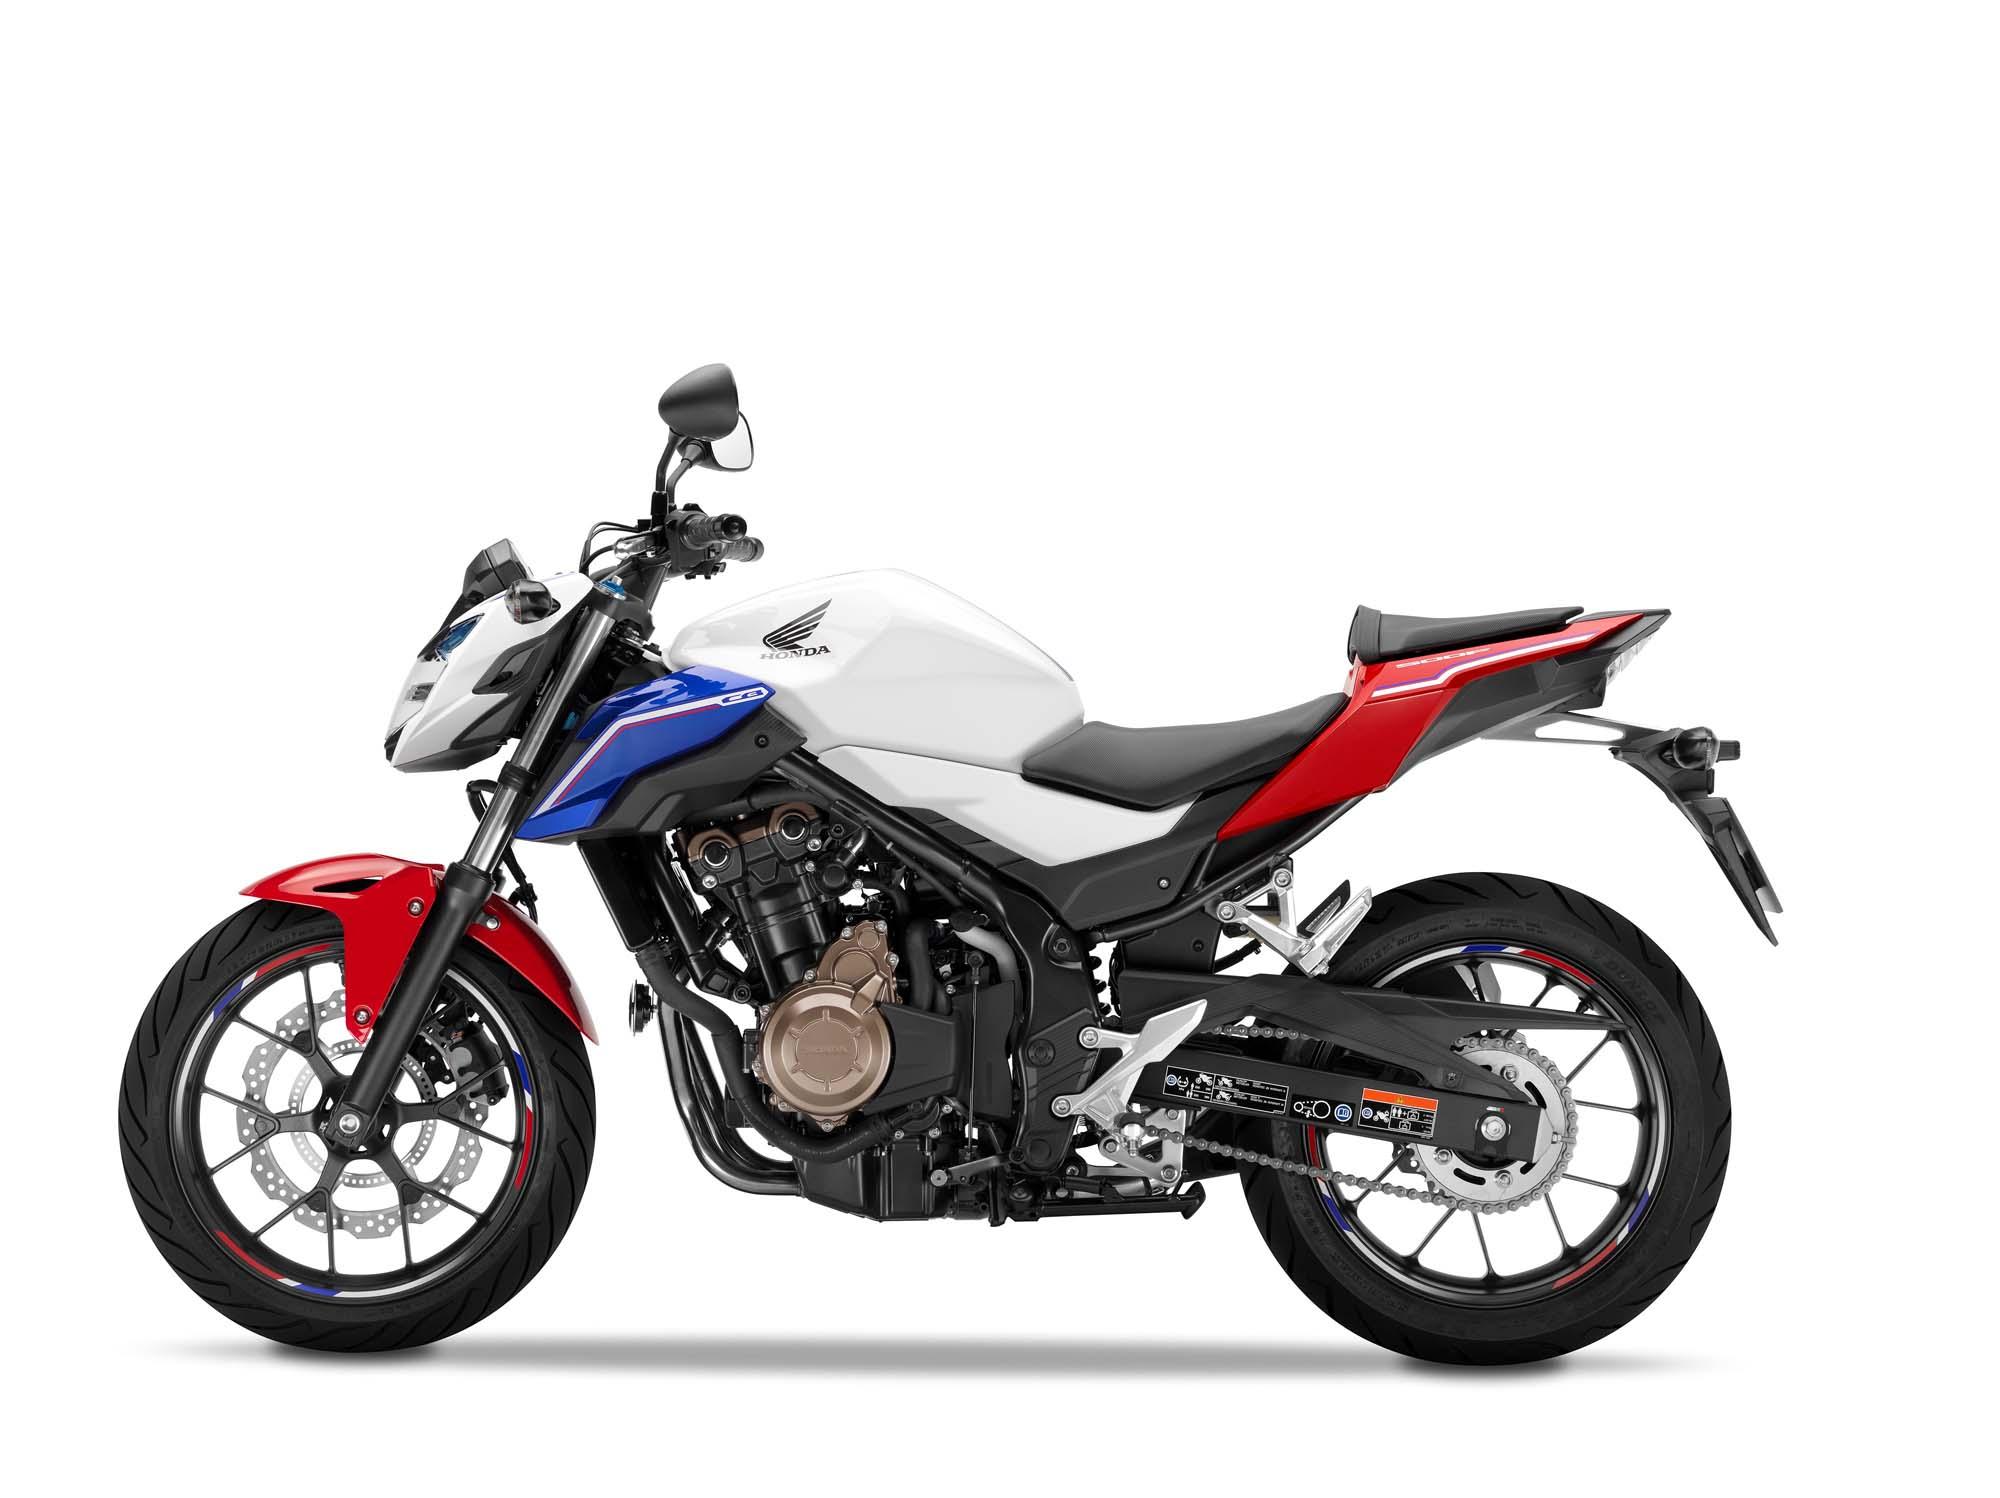 Honda CB 500 F Bilder und technische Daten